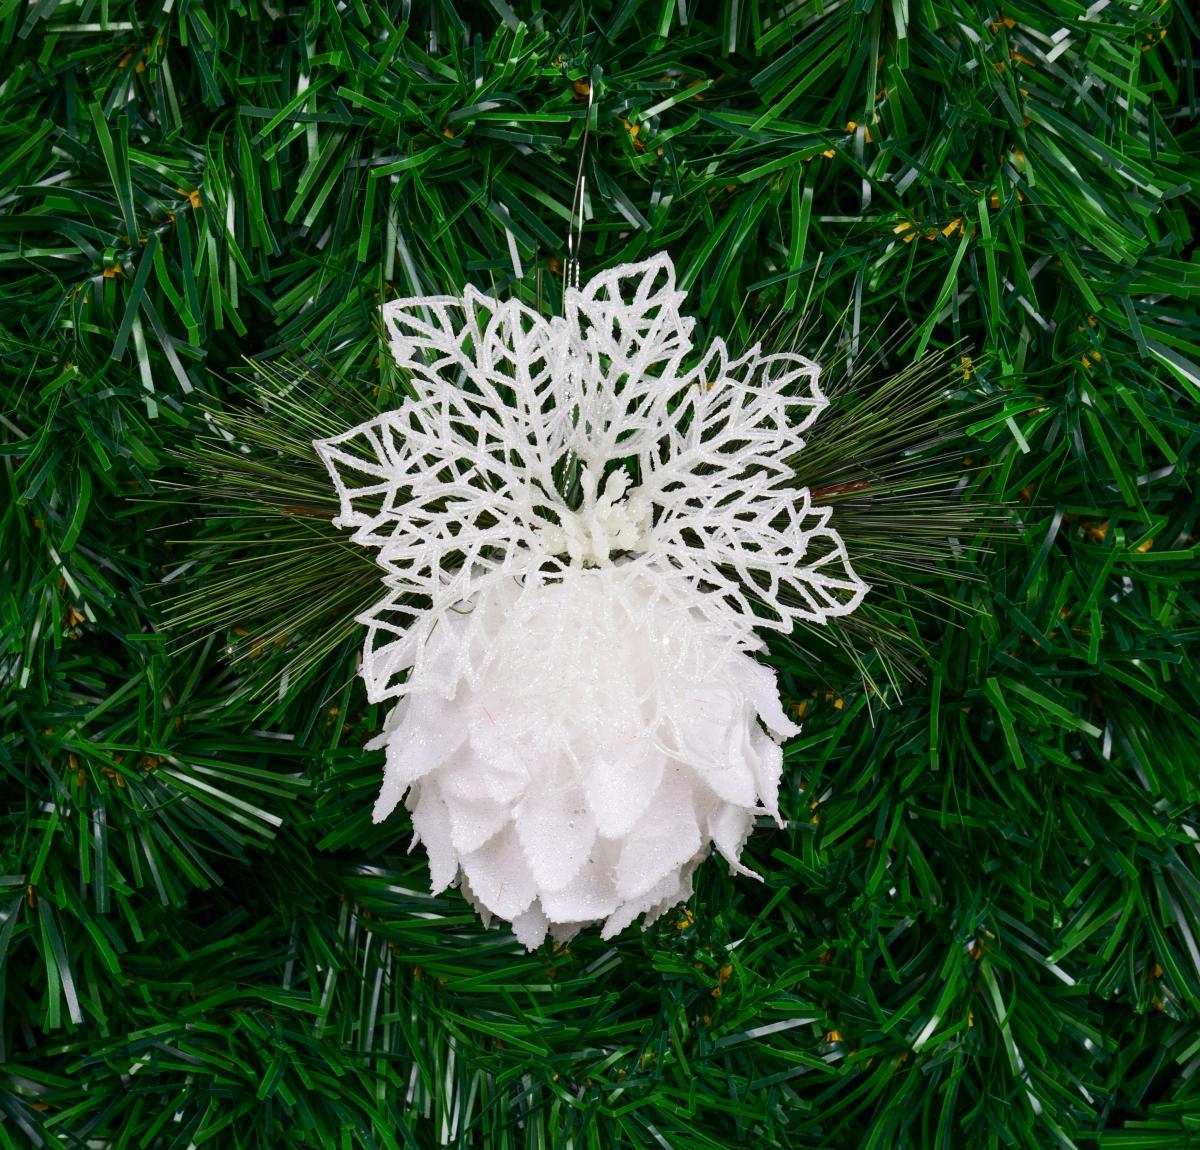 Ozdobné bílé poupě lotosu třpytivé se zelenou větvičkou 15 cm